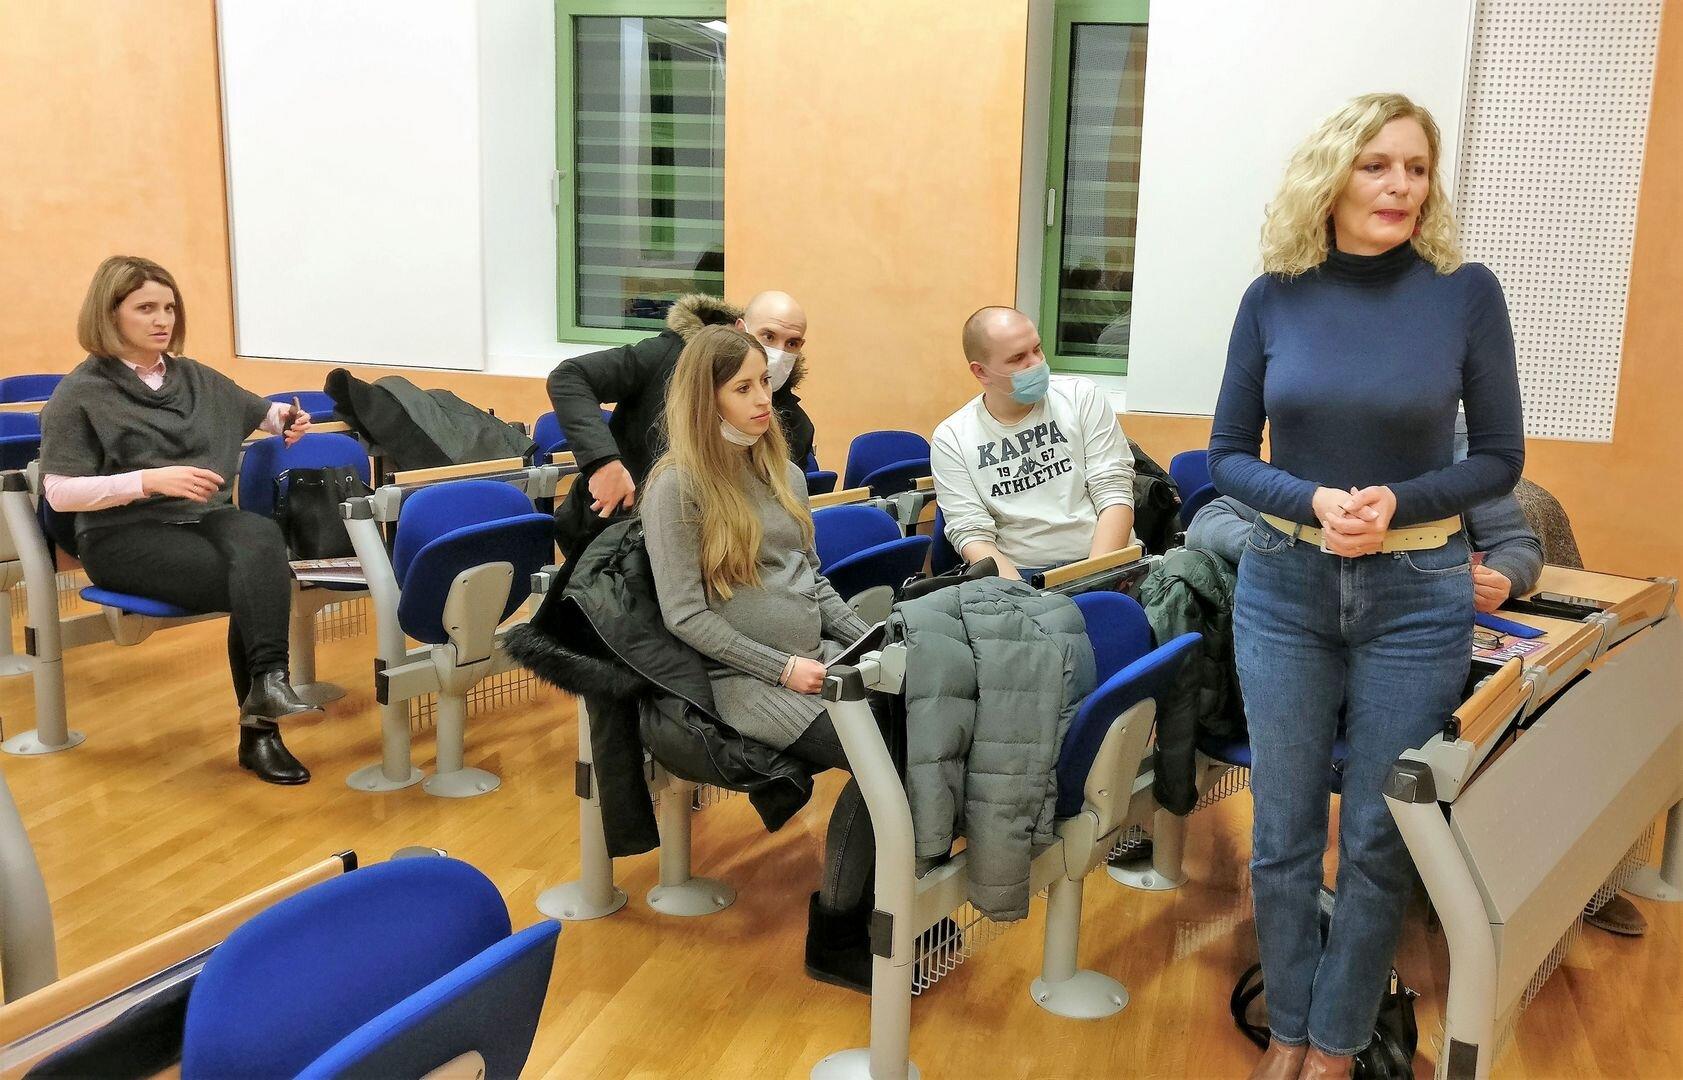 Dr. Sc. Ružica Pšihistal, Predsjednica UKI-ja, Najavila Je Duhovnu Obnovu Katoličkih Intelektualaca U Osijeku,5.3.21.